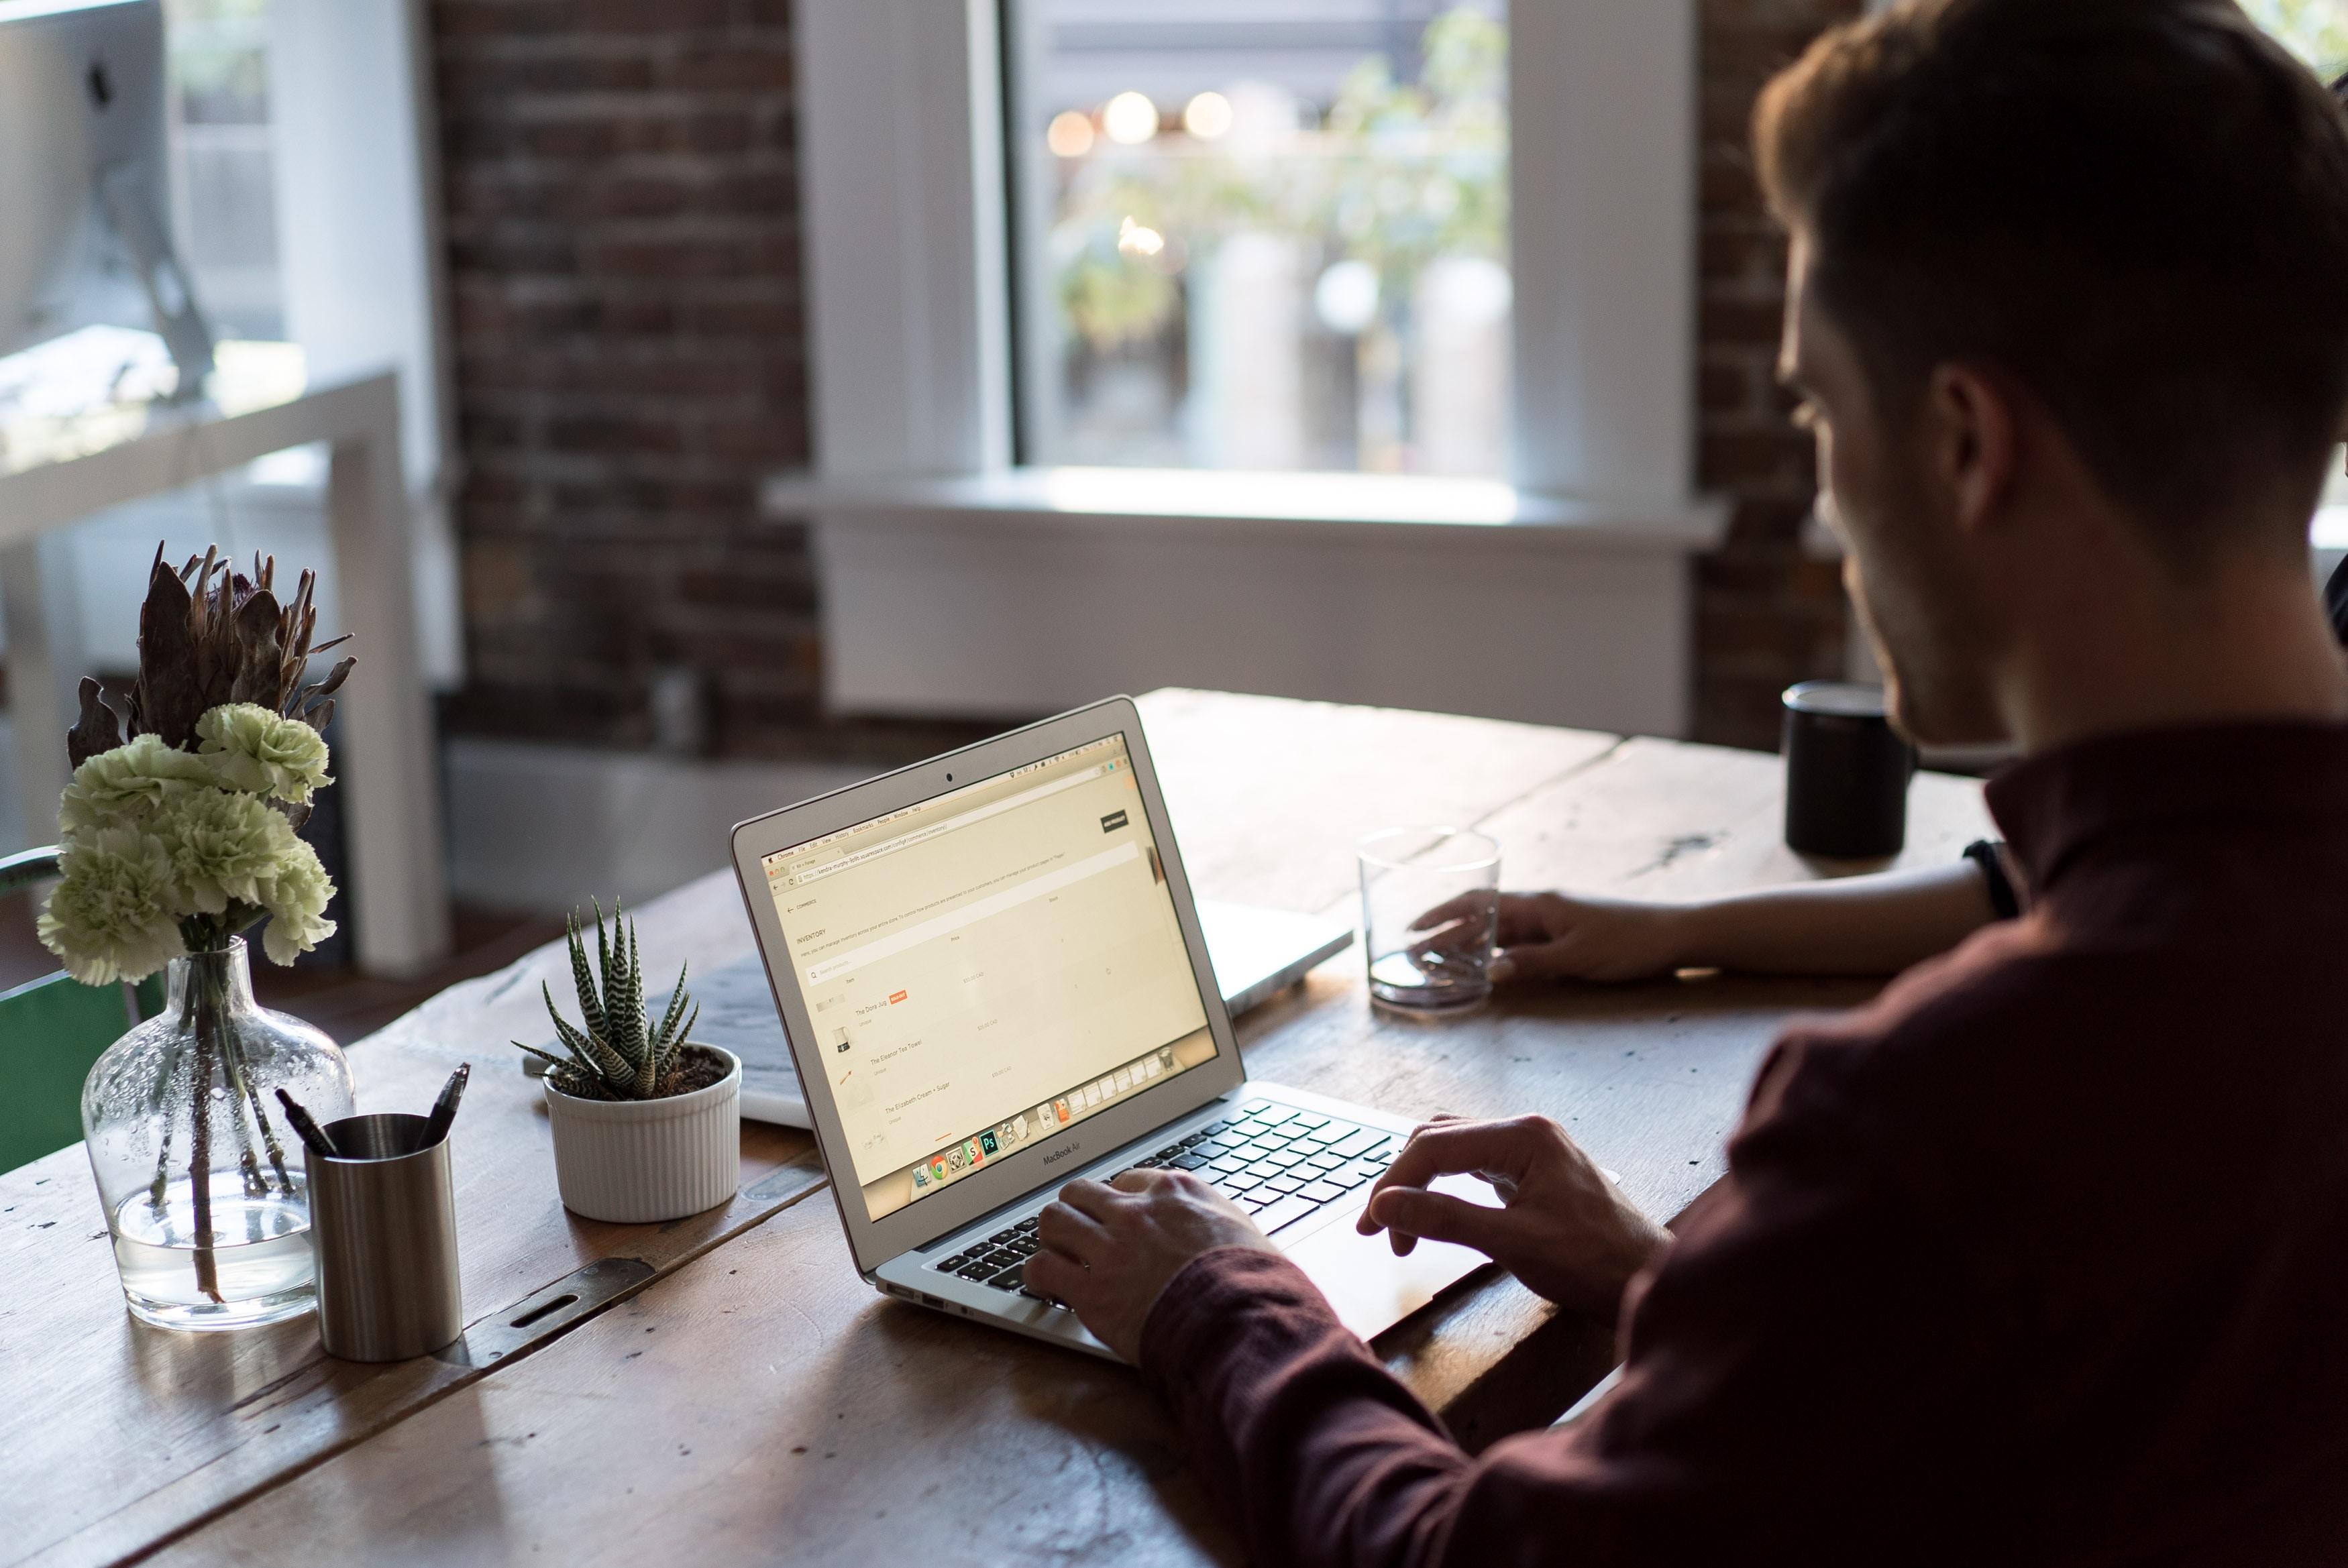 Comment savoir vers quelles offres d'emploi me diriger ?